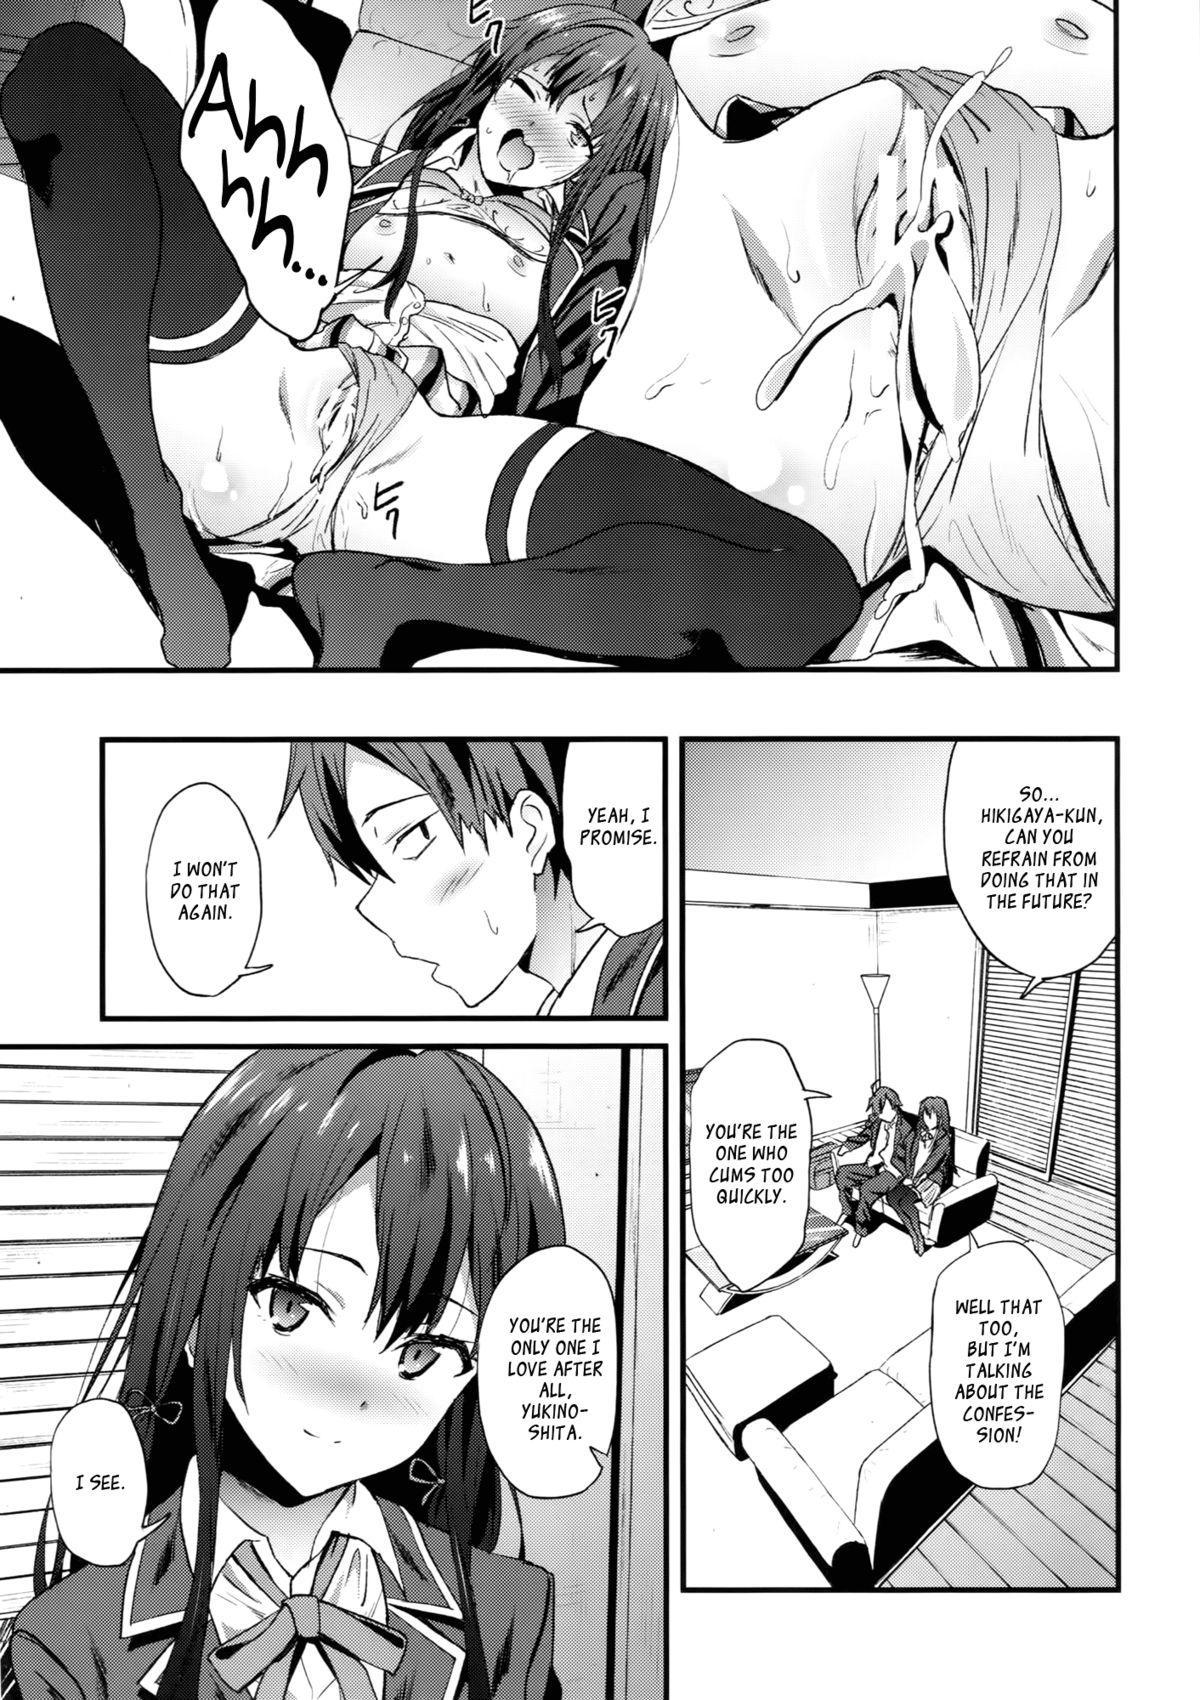 Yahari Ore wa Hentai Love Come ga Ii. 3 19